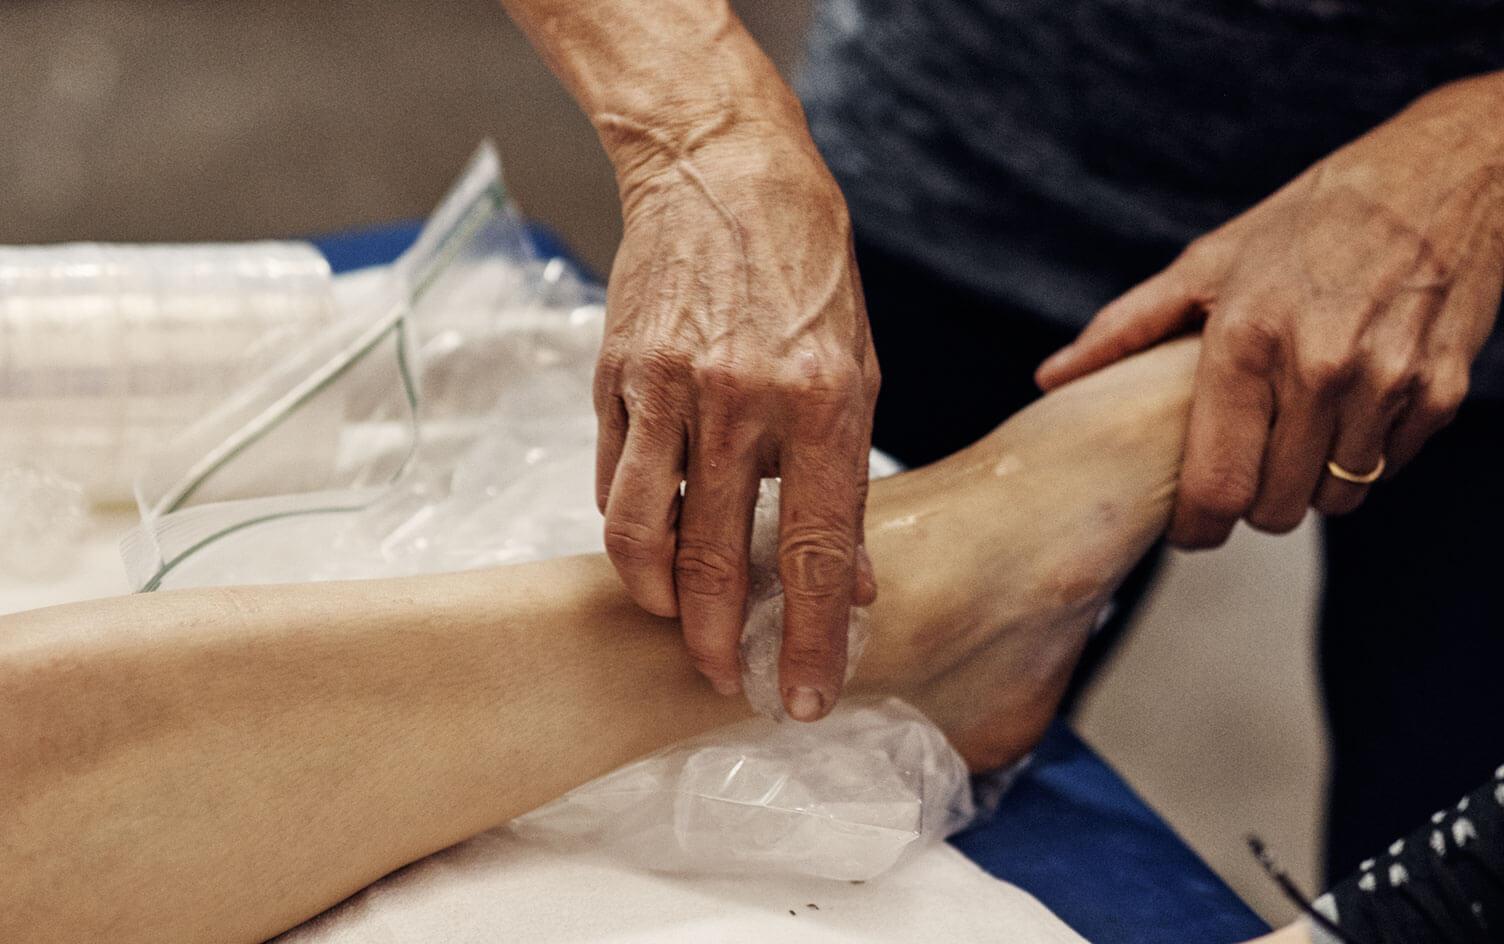 Chườm đá lạnh giúp giảm đau, viêm cho người bị gút